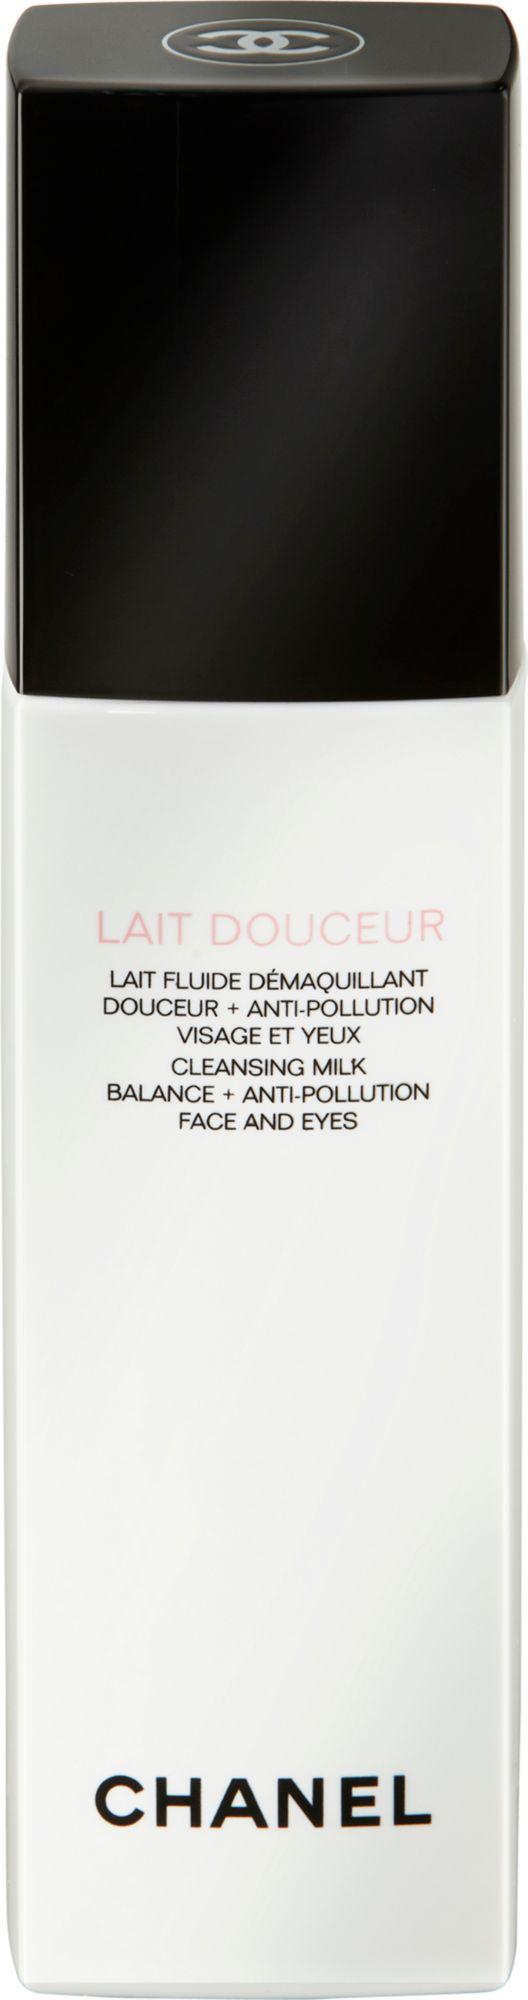 CHANEL Chanel, »Lait Douceur«, Reinigungmilch